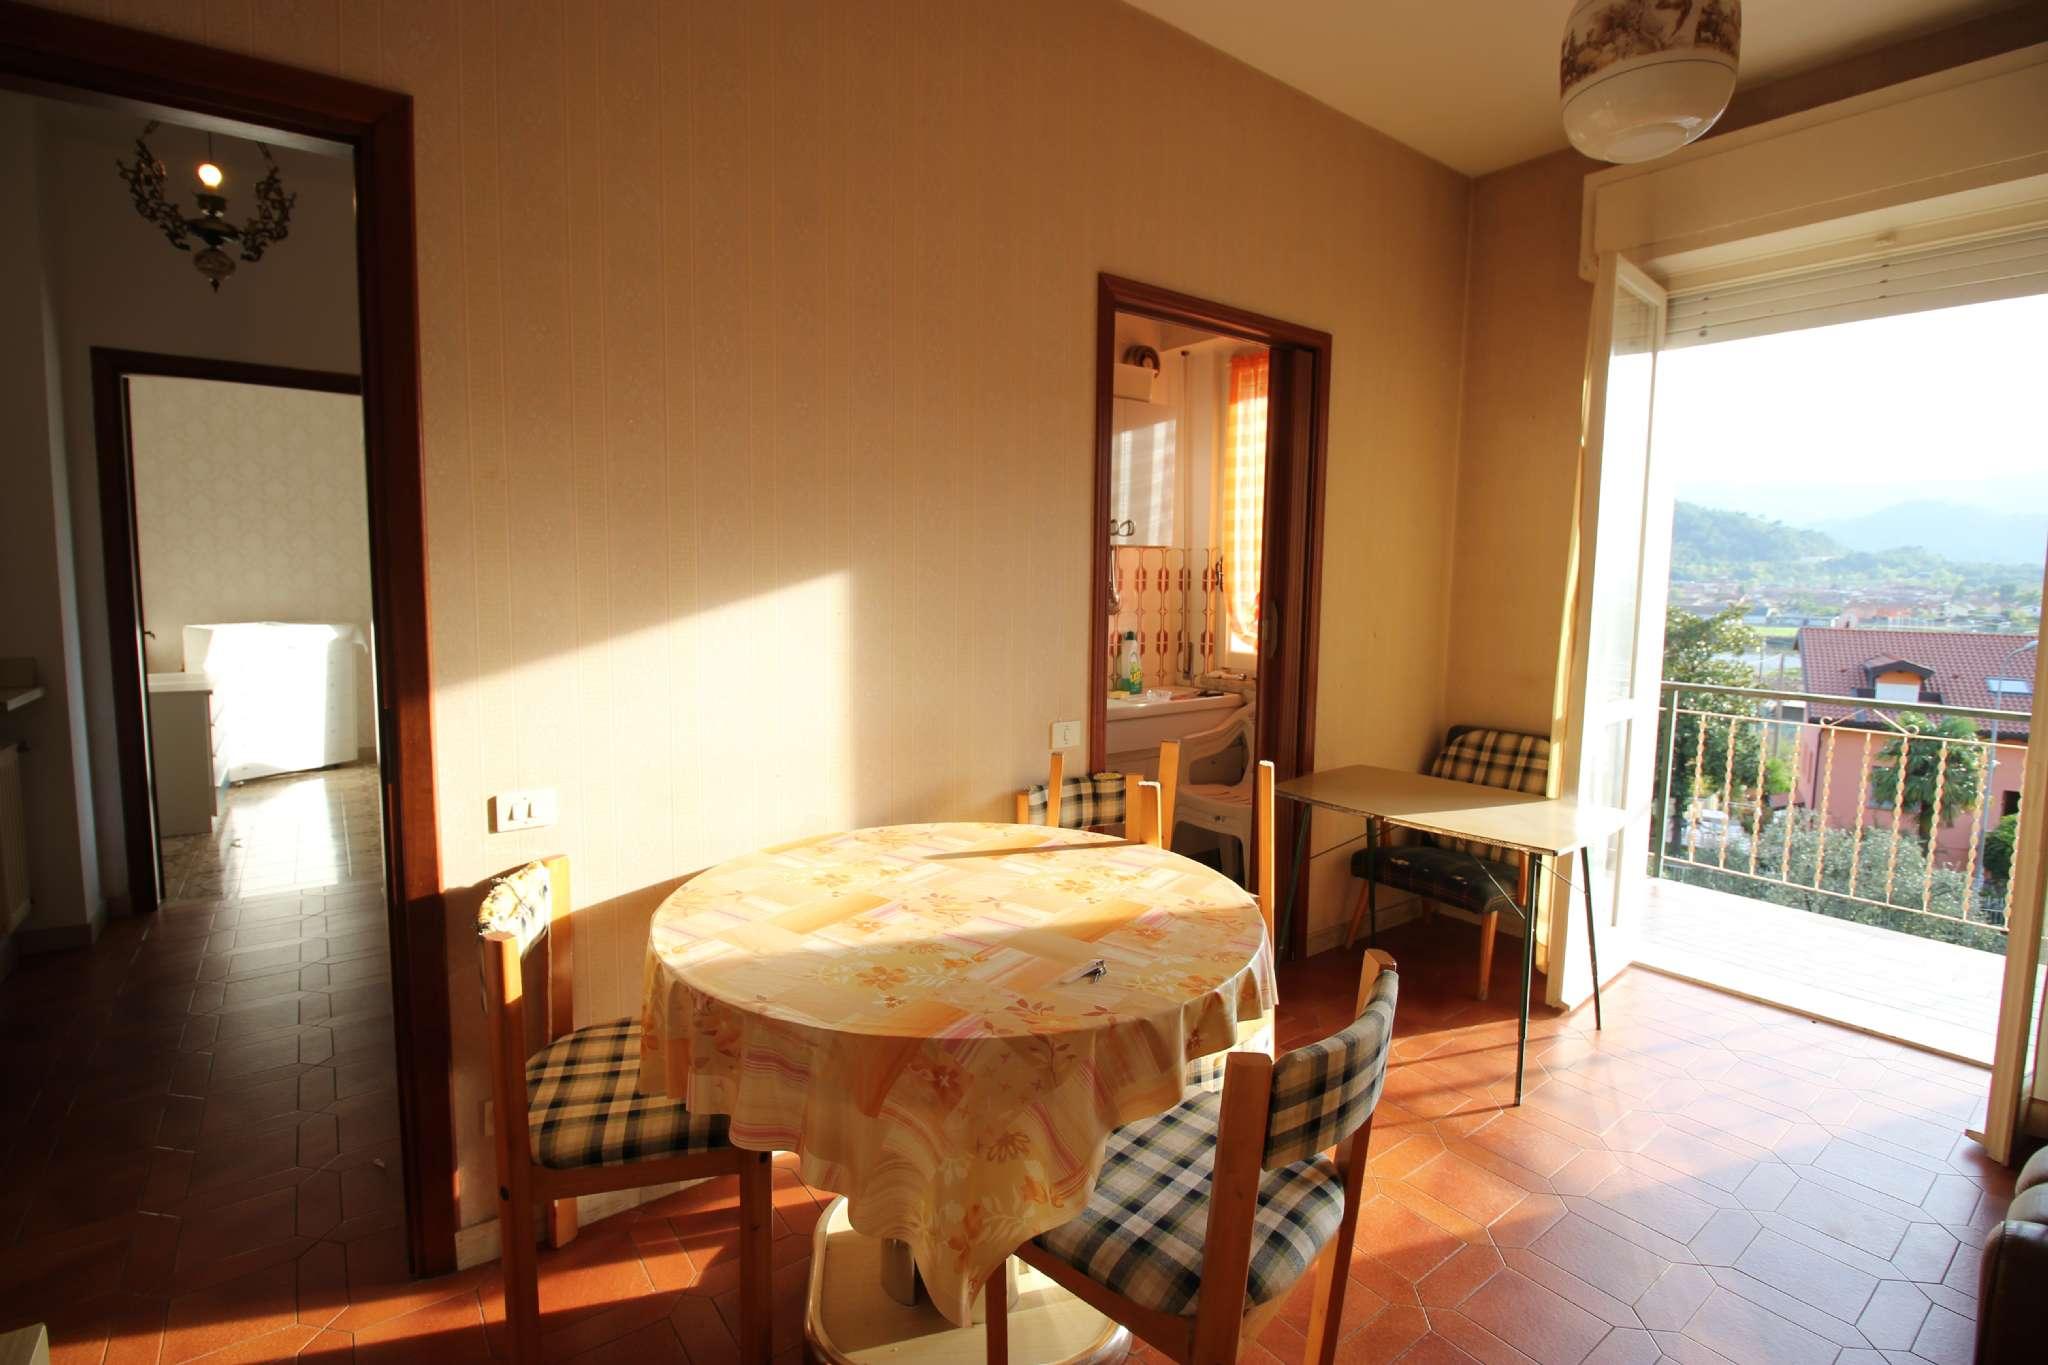 Appartamento in vendita a Villanova d'Albenga, 2 locali, prezzo € 60.000   CambioCasa.it